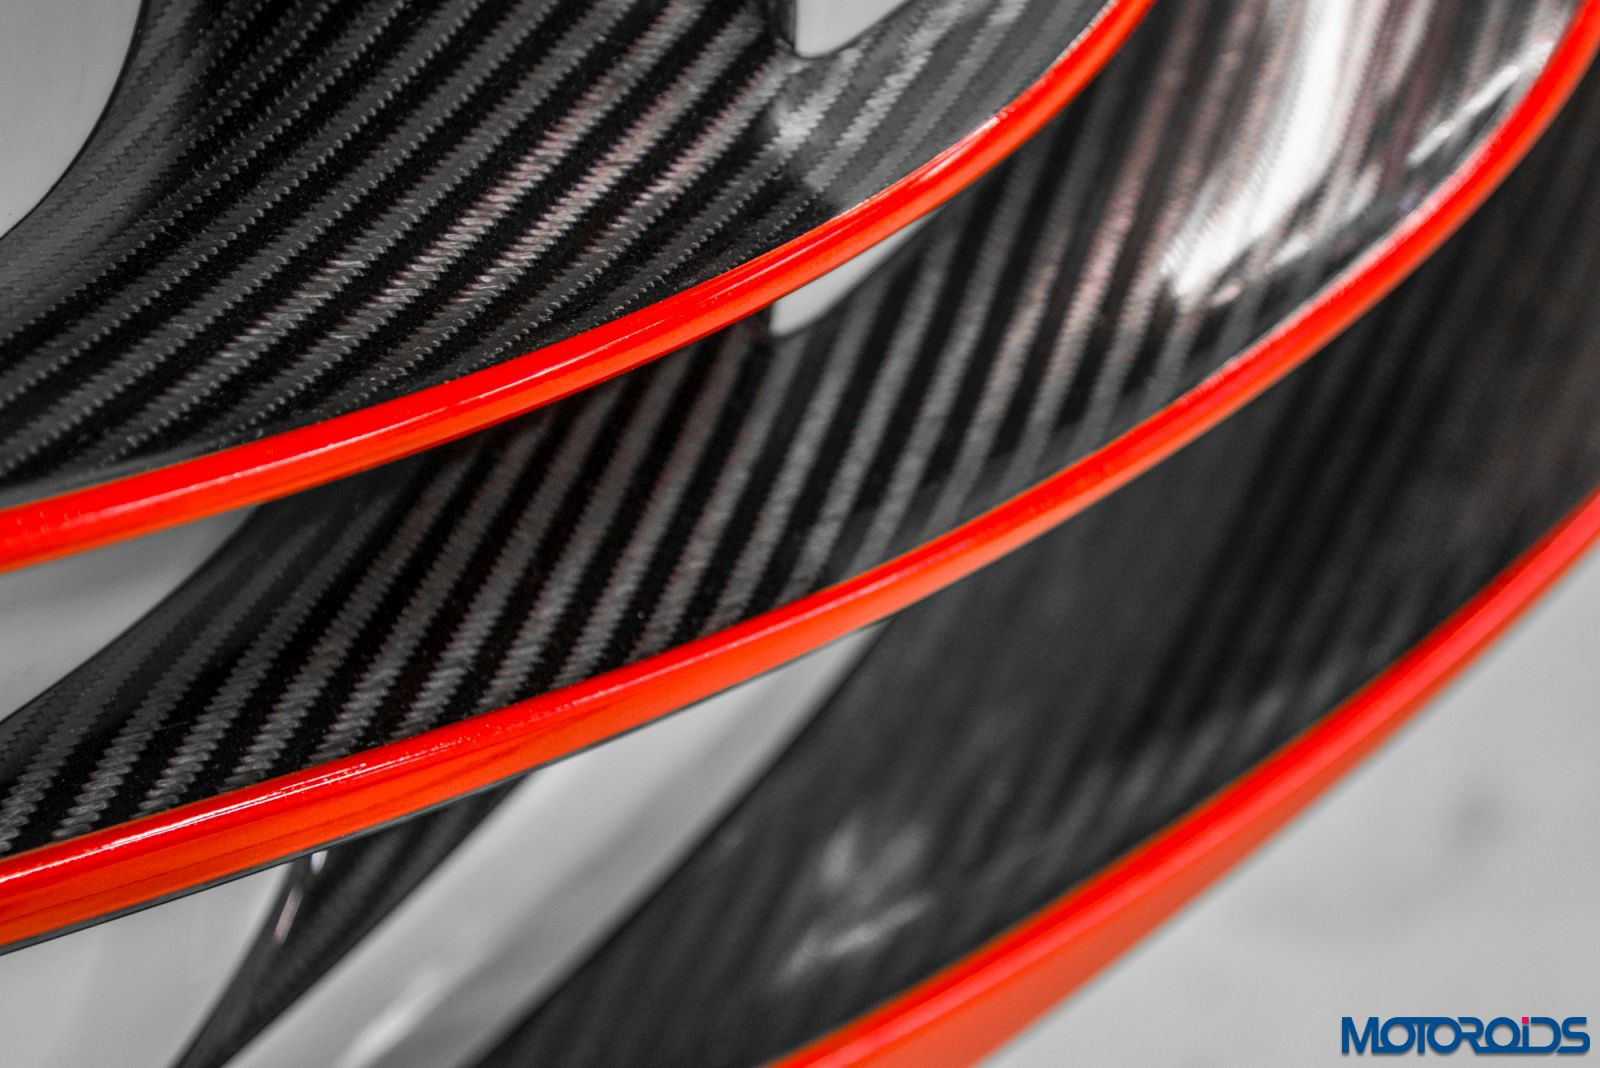 Koenigsegg twitter promotion